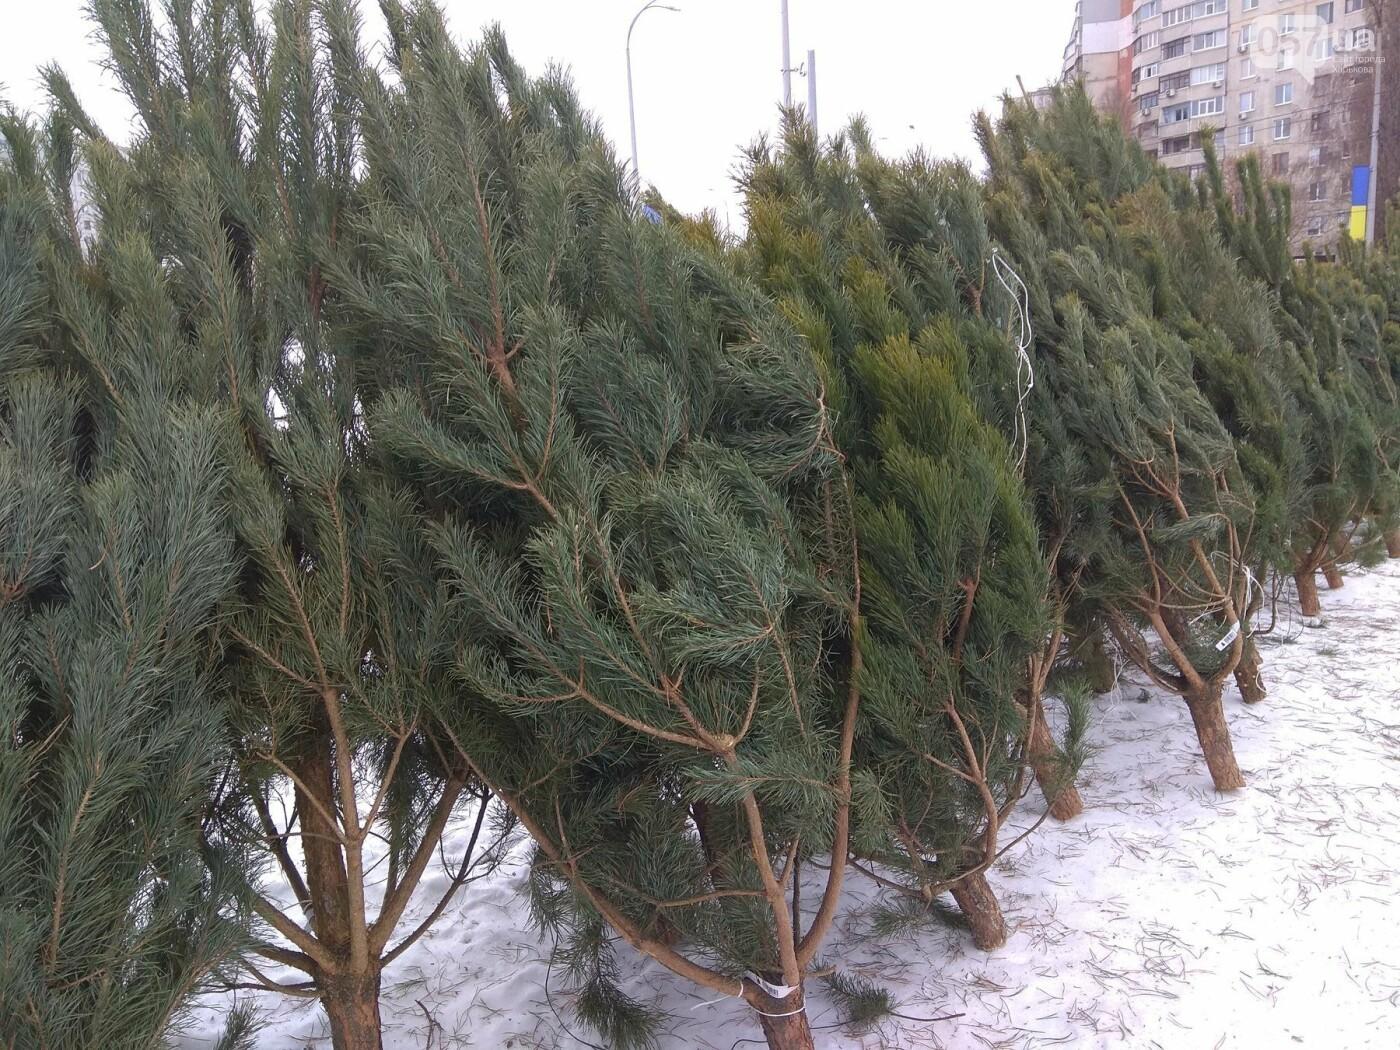 Новогодние елки в Харькове. Где и за сколько можно купить, - ФОТО, фото-20